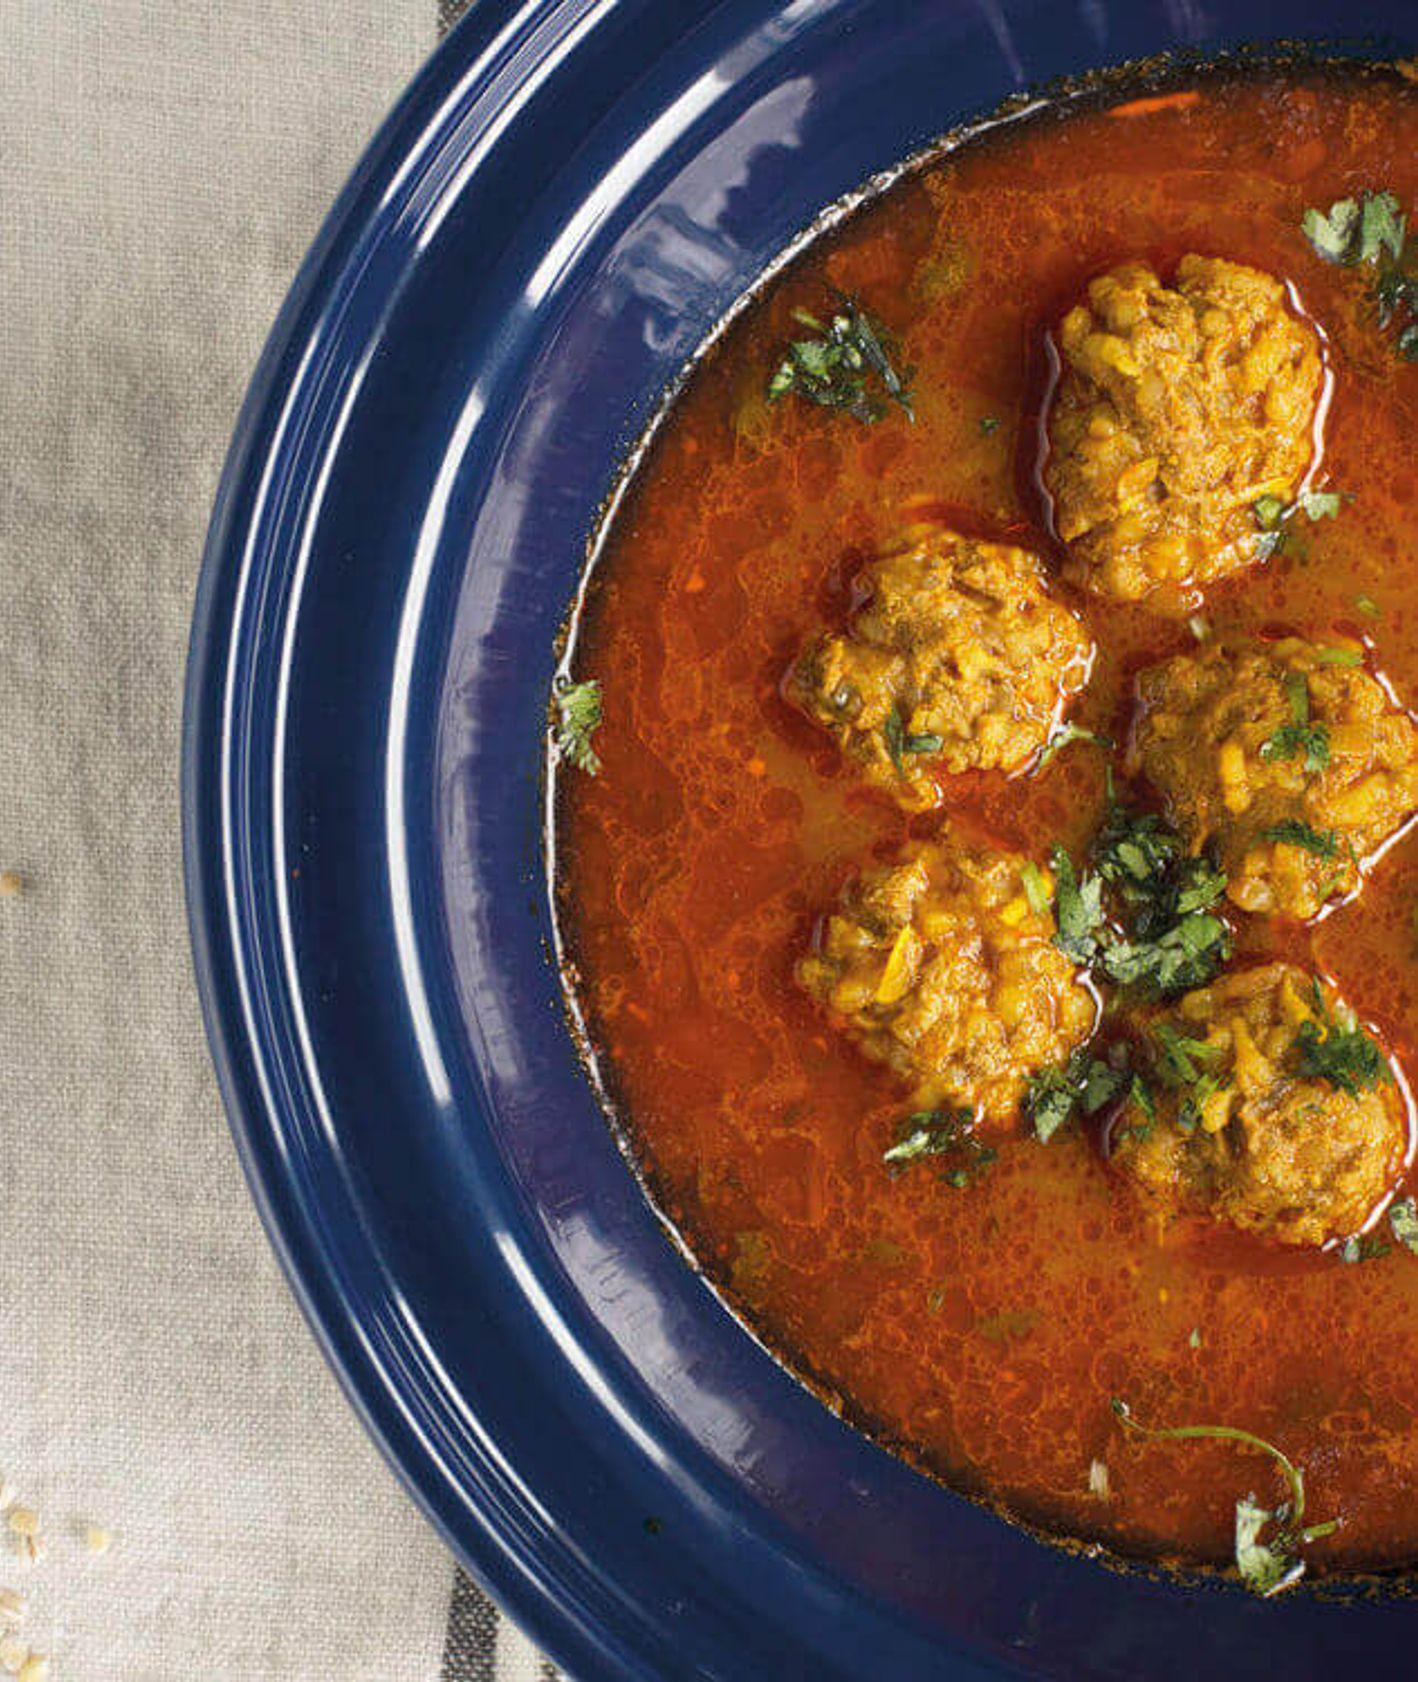 gruzińska zupa, zupa pomidorowa, gruzińska zupa z jagnięciną, bozbasz, danie jednogarnkowe, szybka zupa, kuchnia gruzińska, pomidory, co z pomidorów, obiad dla dzieci, szybki obiad